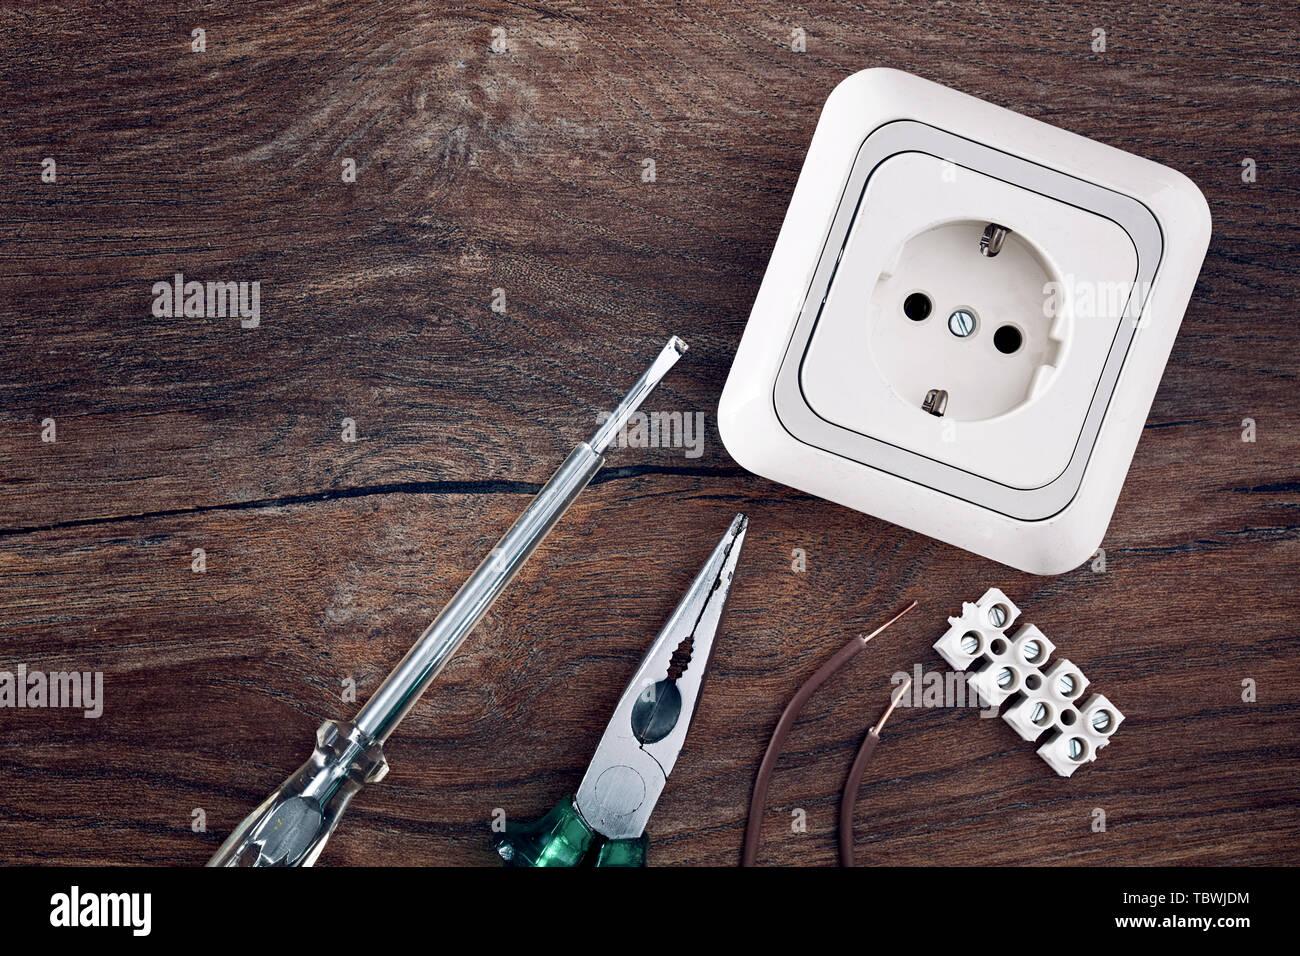 Satz von elektrischen Arbeiten Werkzeuge auf hölzernen Tisch Hintergrund mit kopieren. Von oben nach unten aus der Nähe ansehen. Stockbild